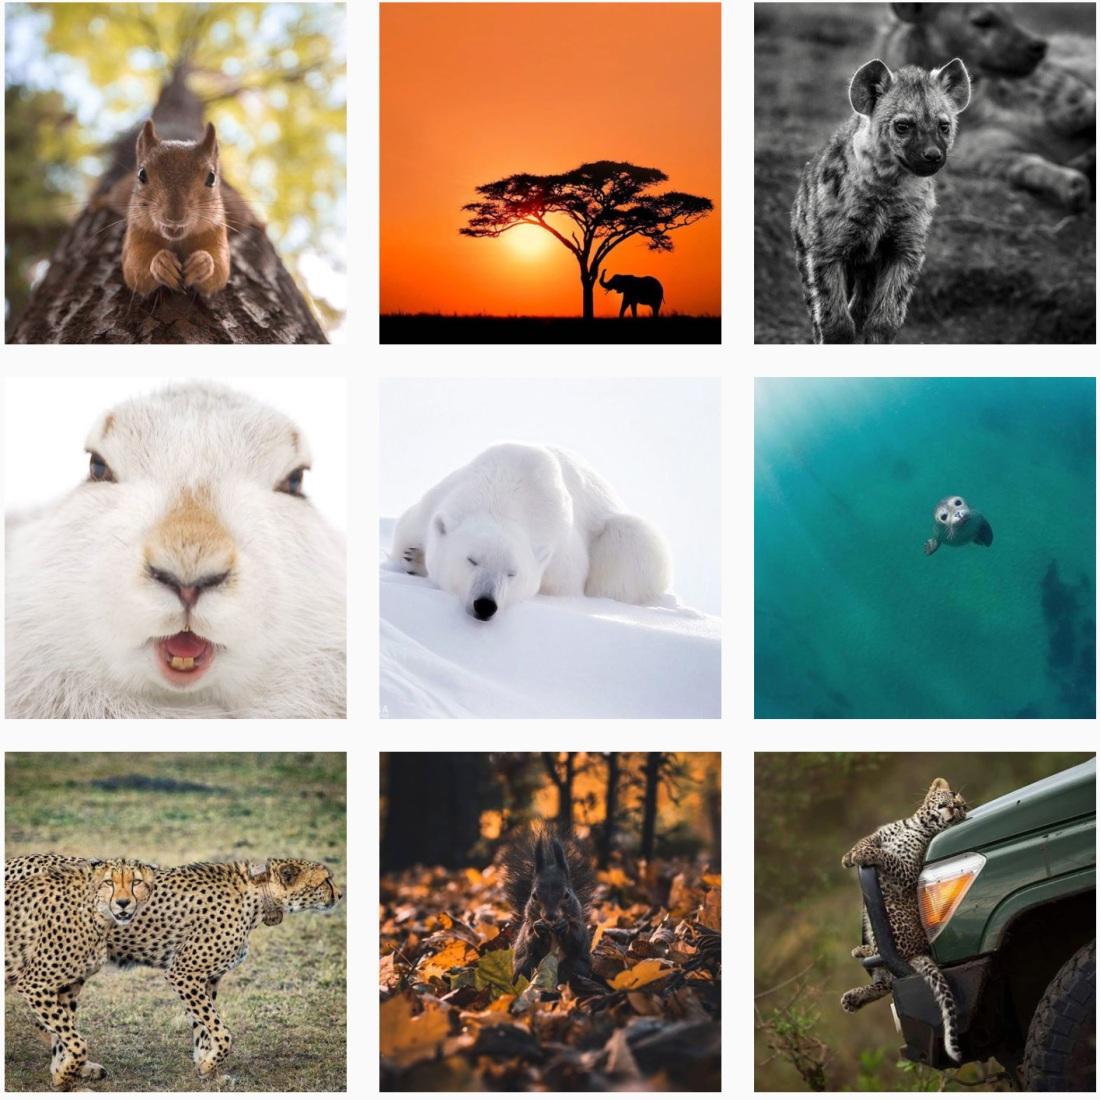 #wildlifephotography